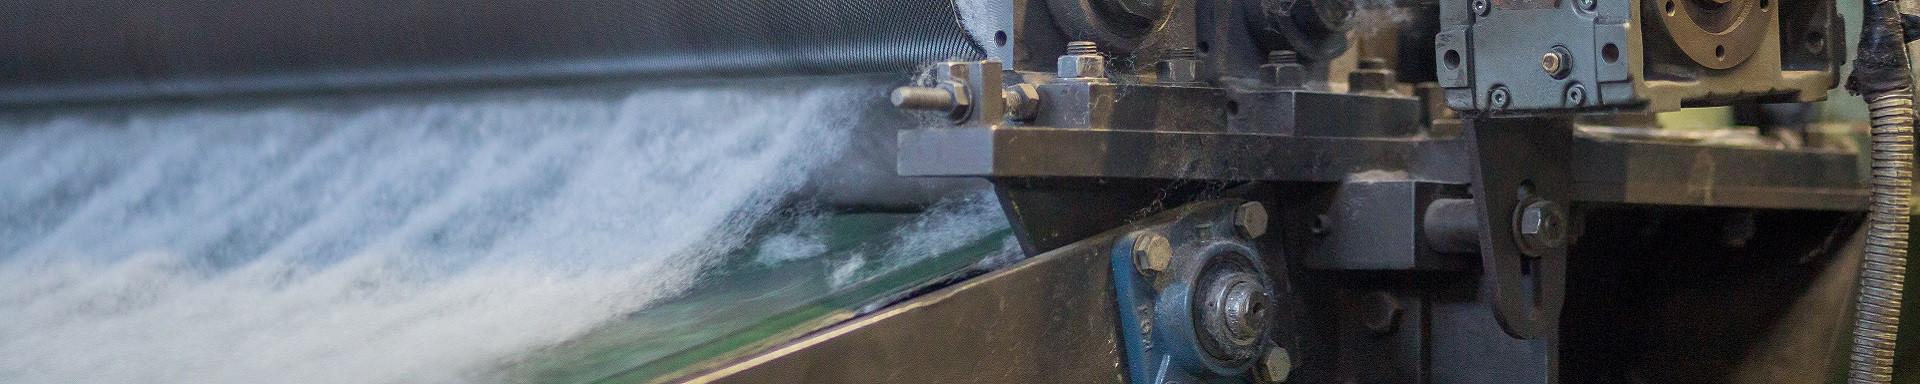 Filterrollen und Filtermatten für die Industrie